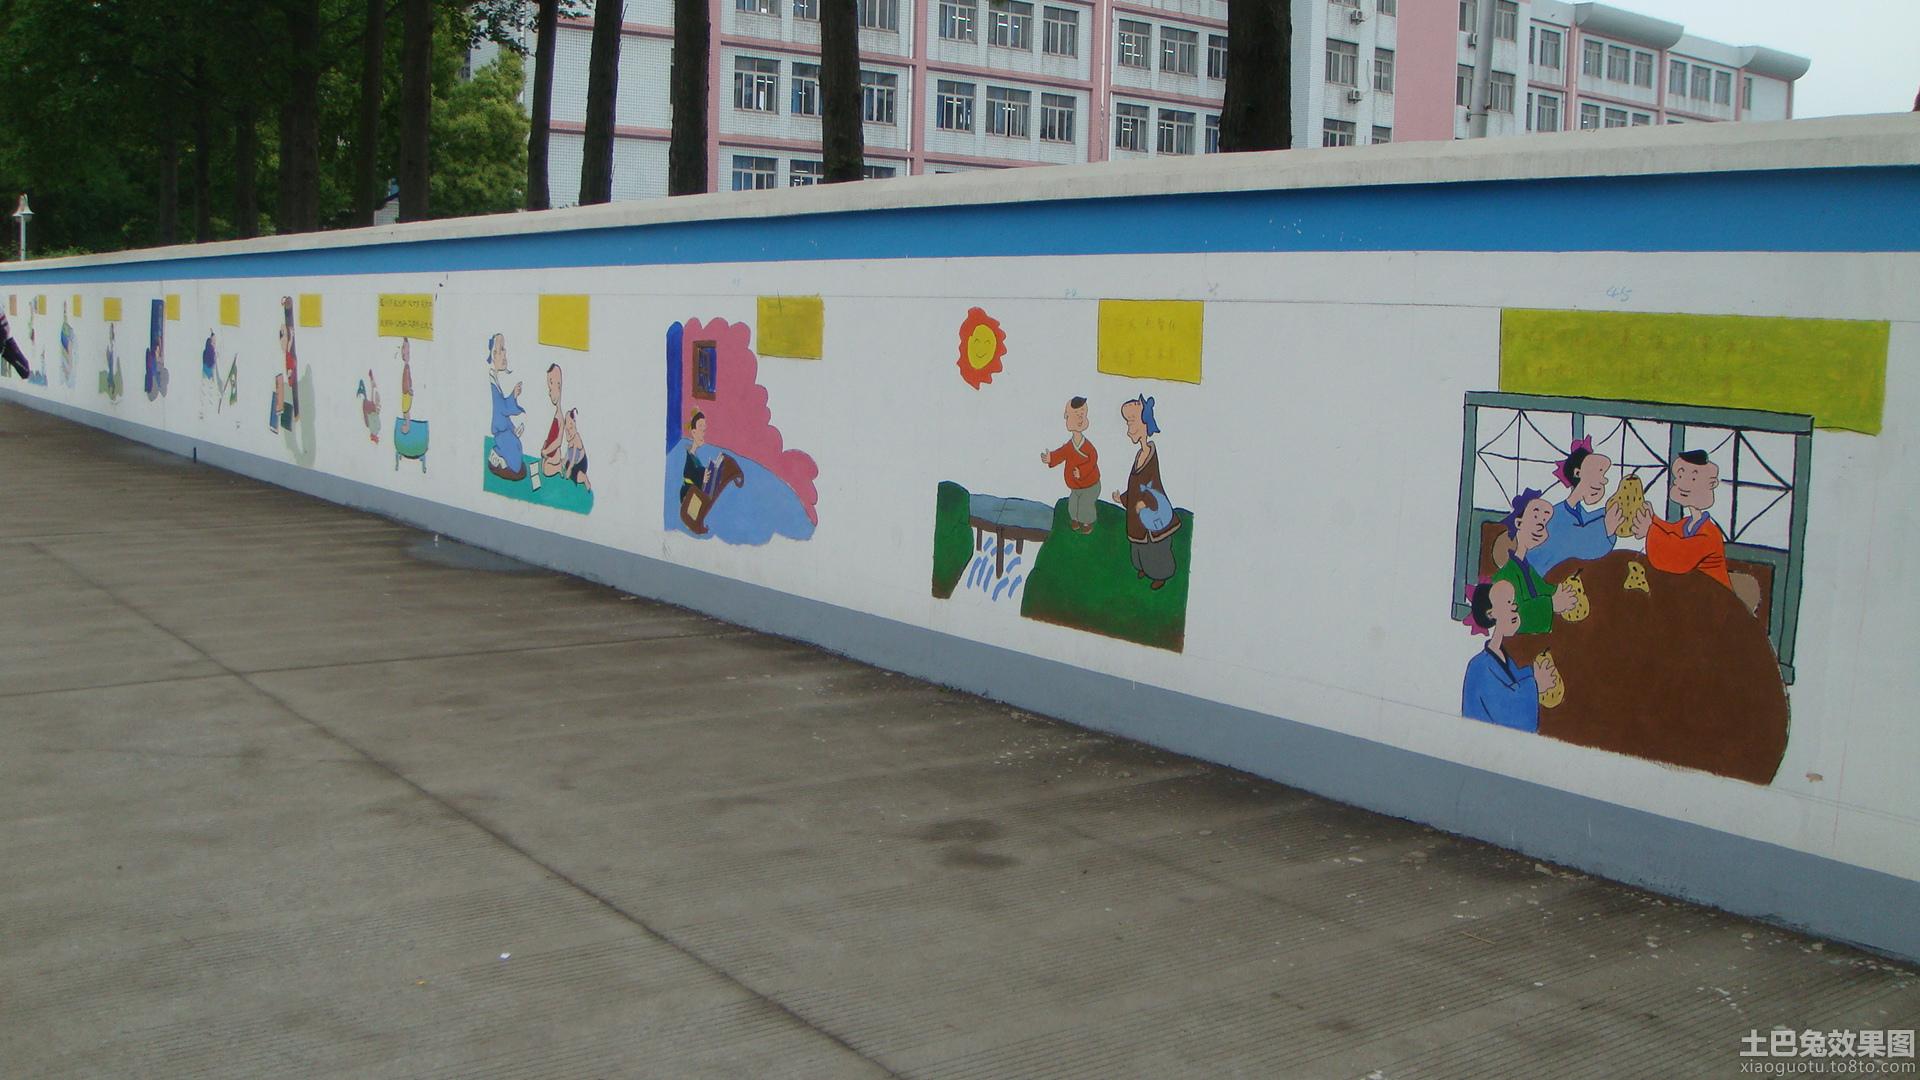 小学学校文化墙彩绘图片装修效果图 第7张 家居图库 九正家居网